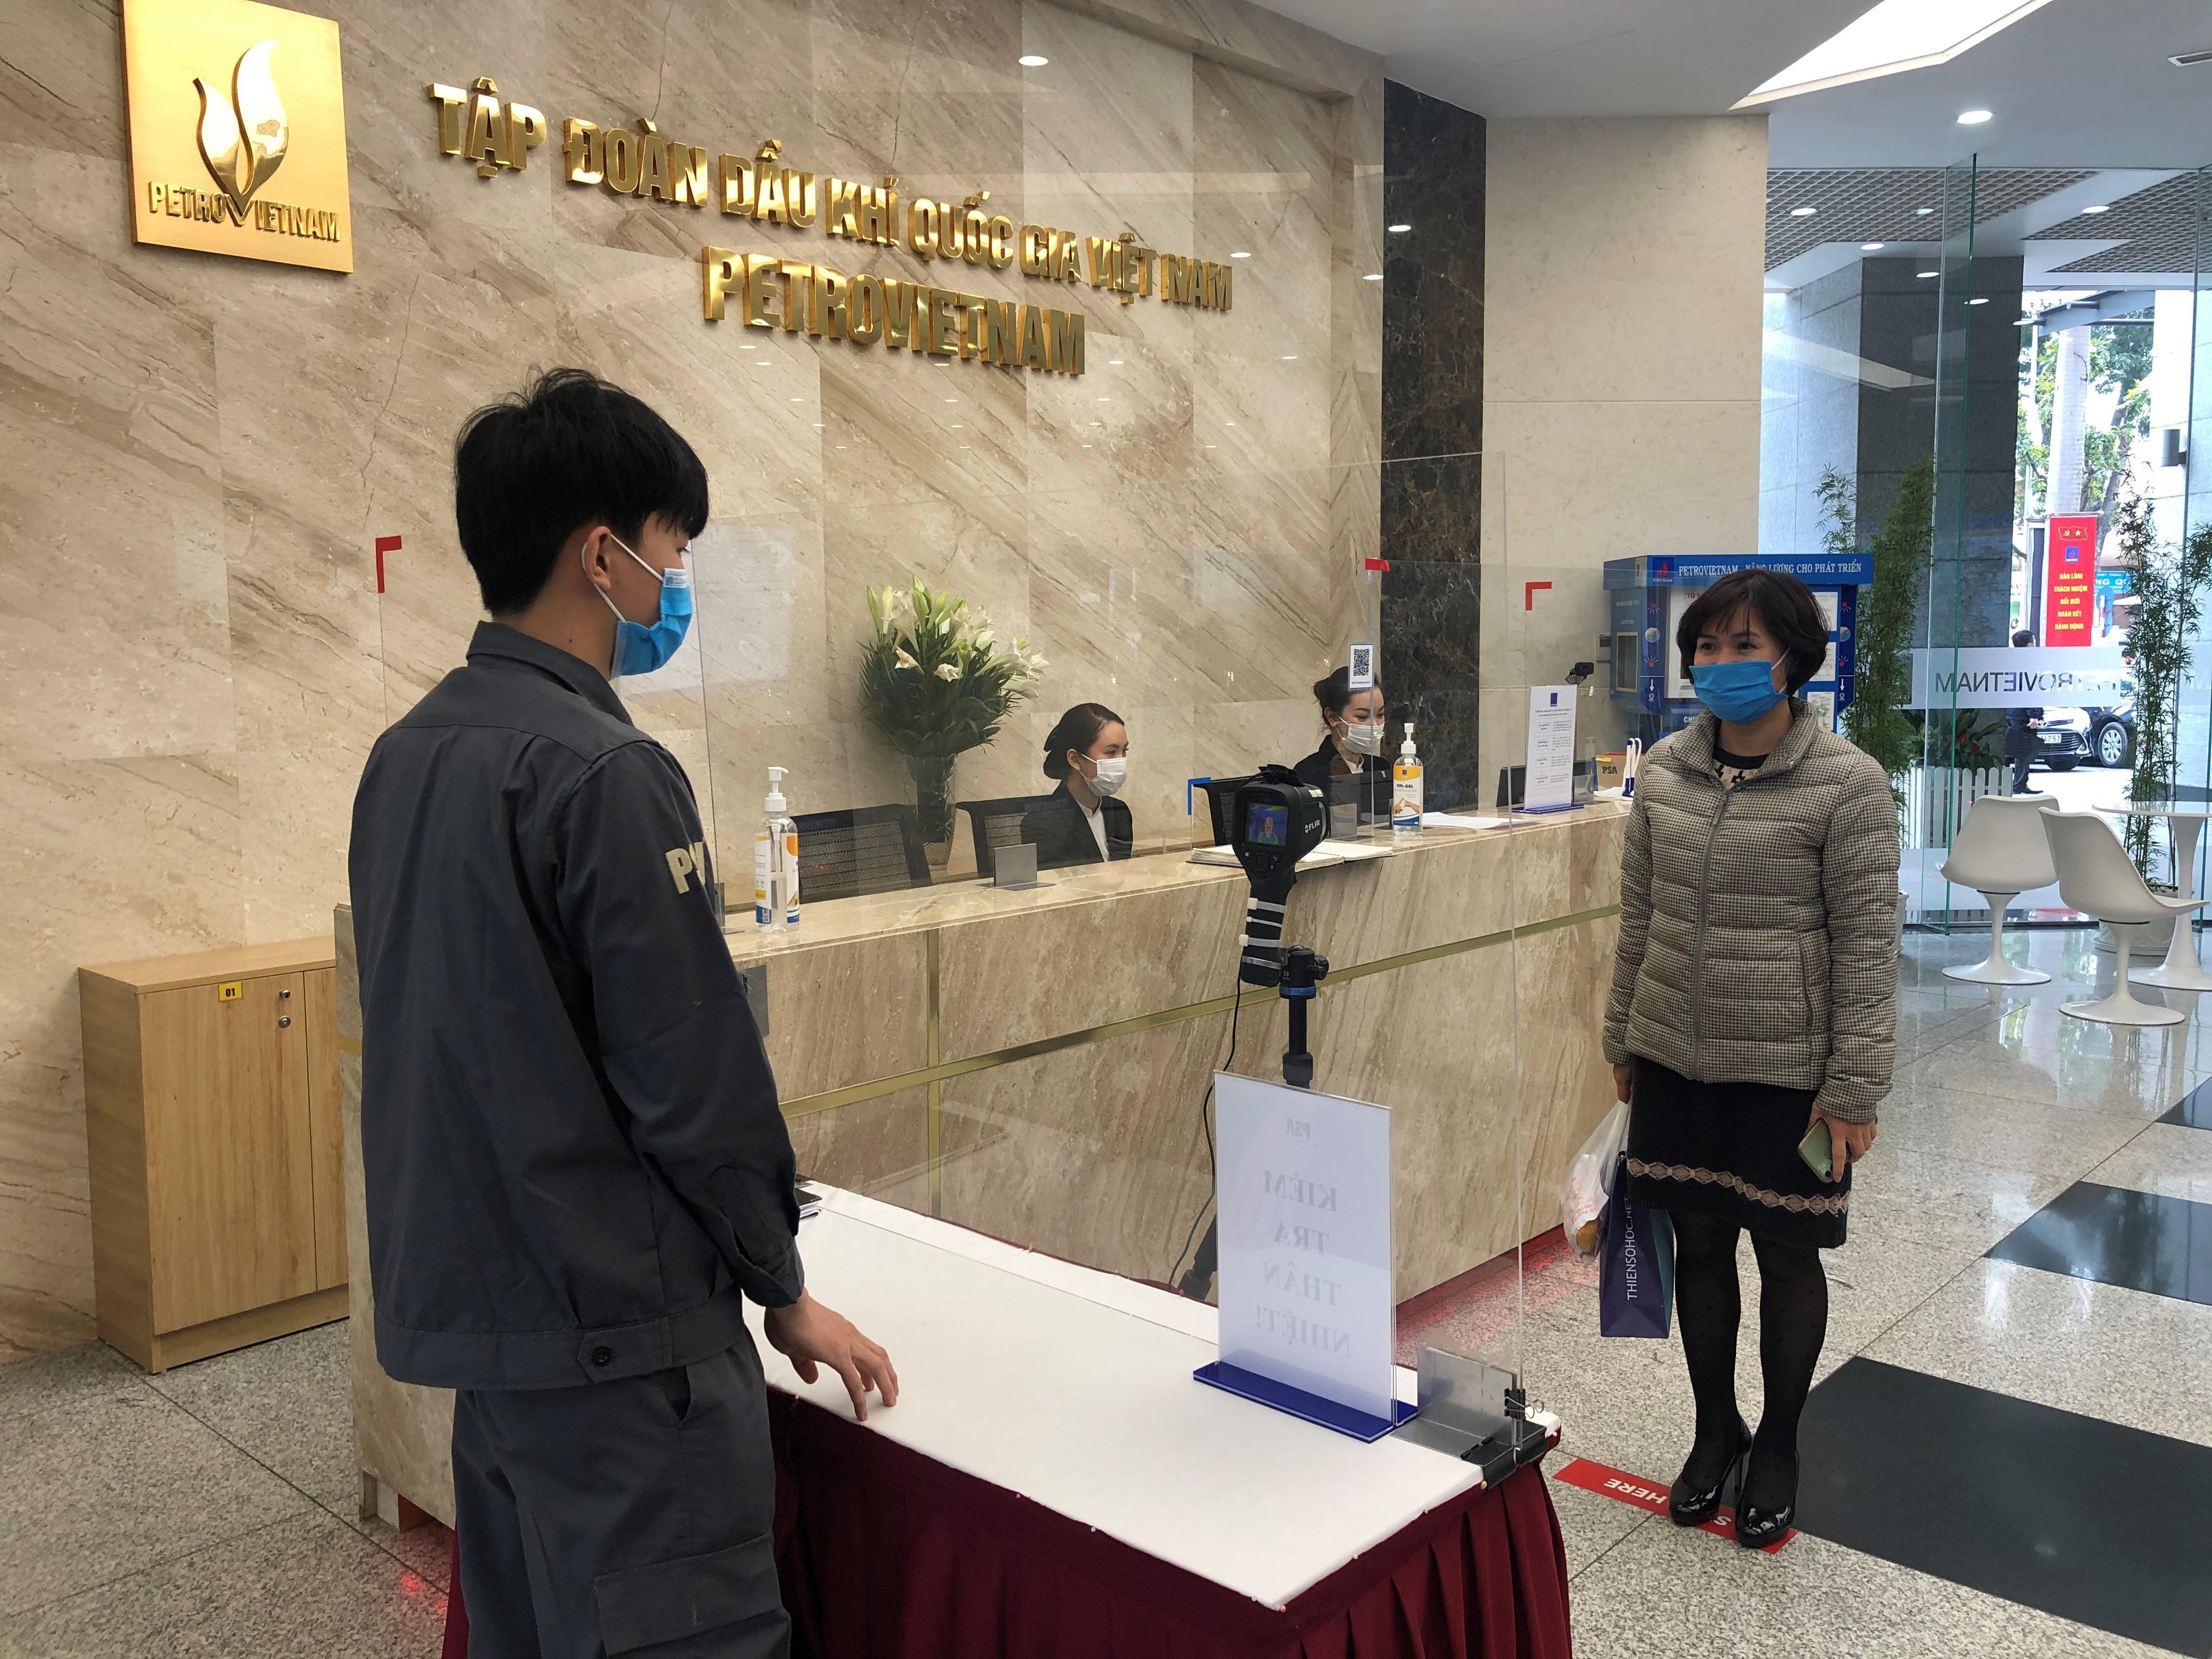 Kiểm tra thân nhiệt tại tòa nhà trụ sở Petrovietnam, 18 Láng Hạ